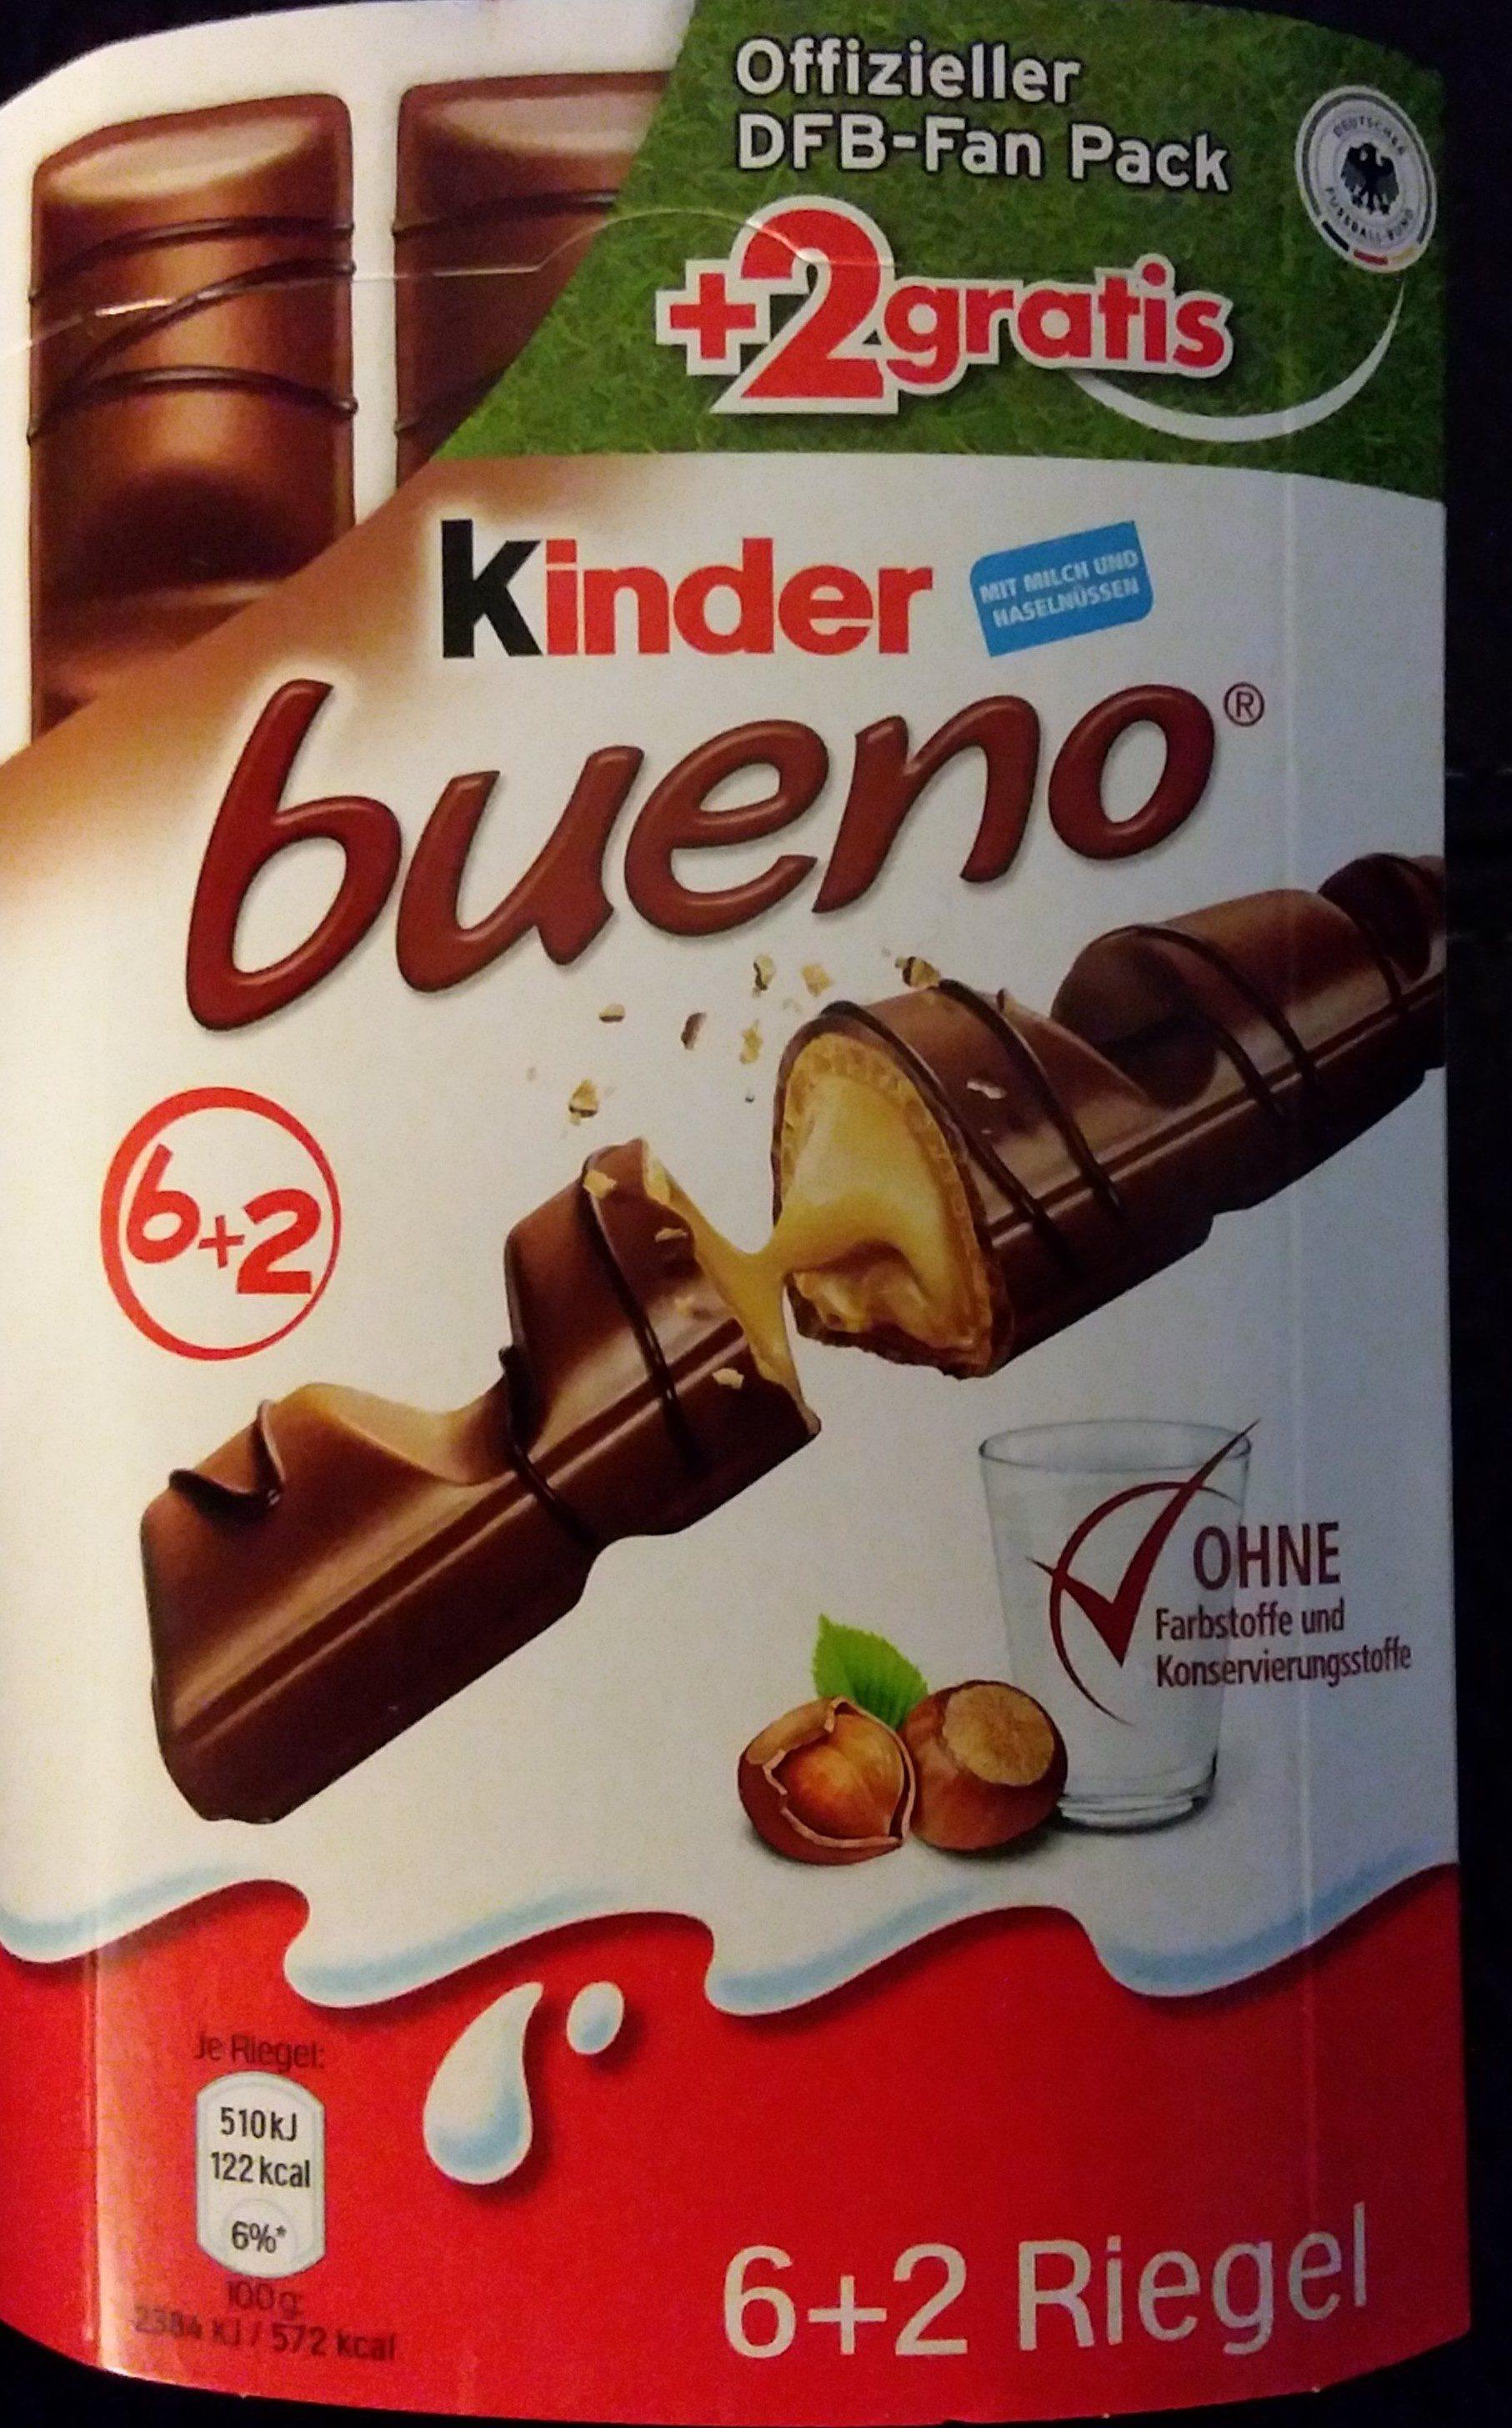 Kinder Bueno +2 Gratis - Prodotto - de